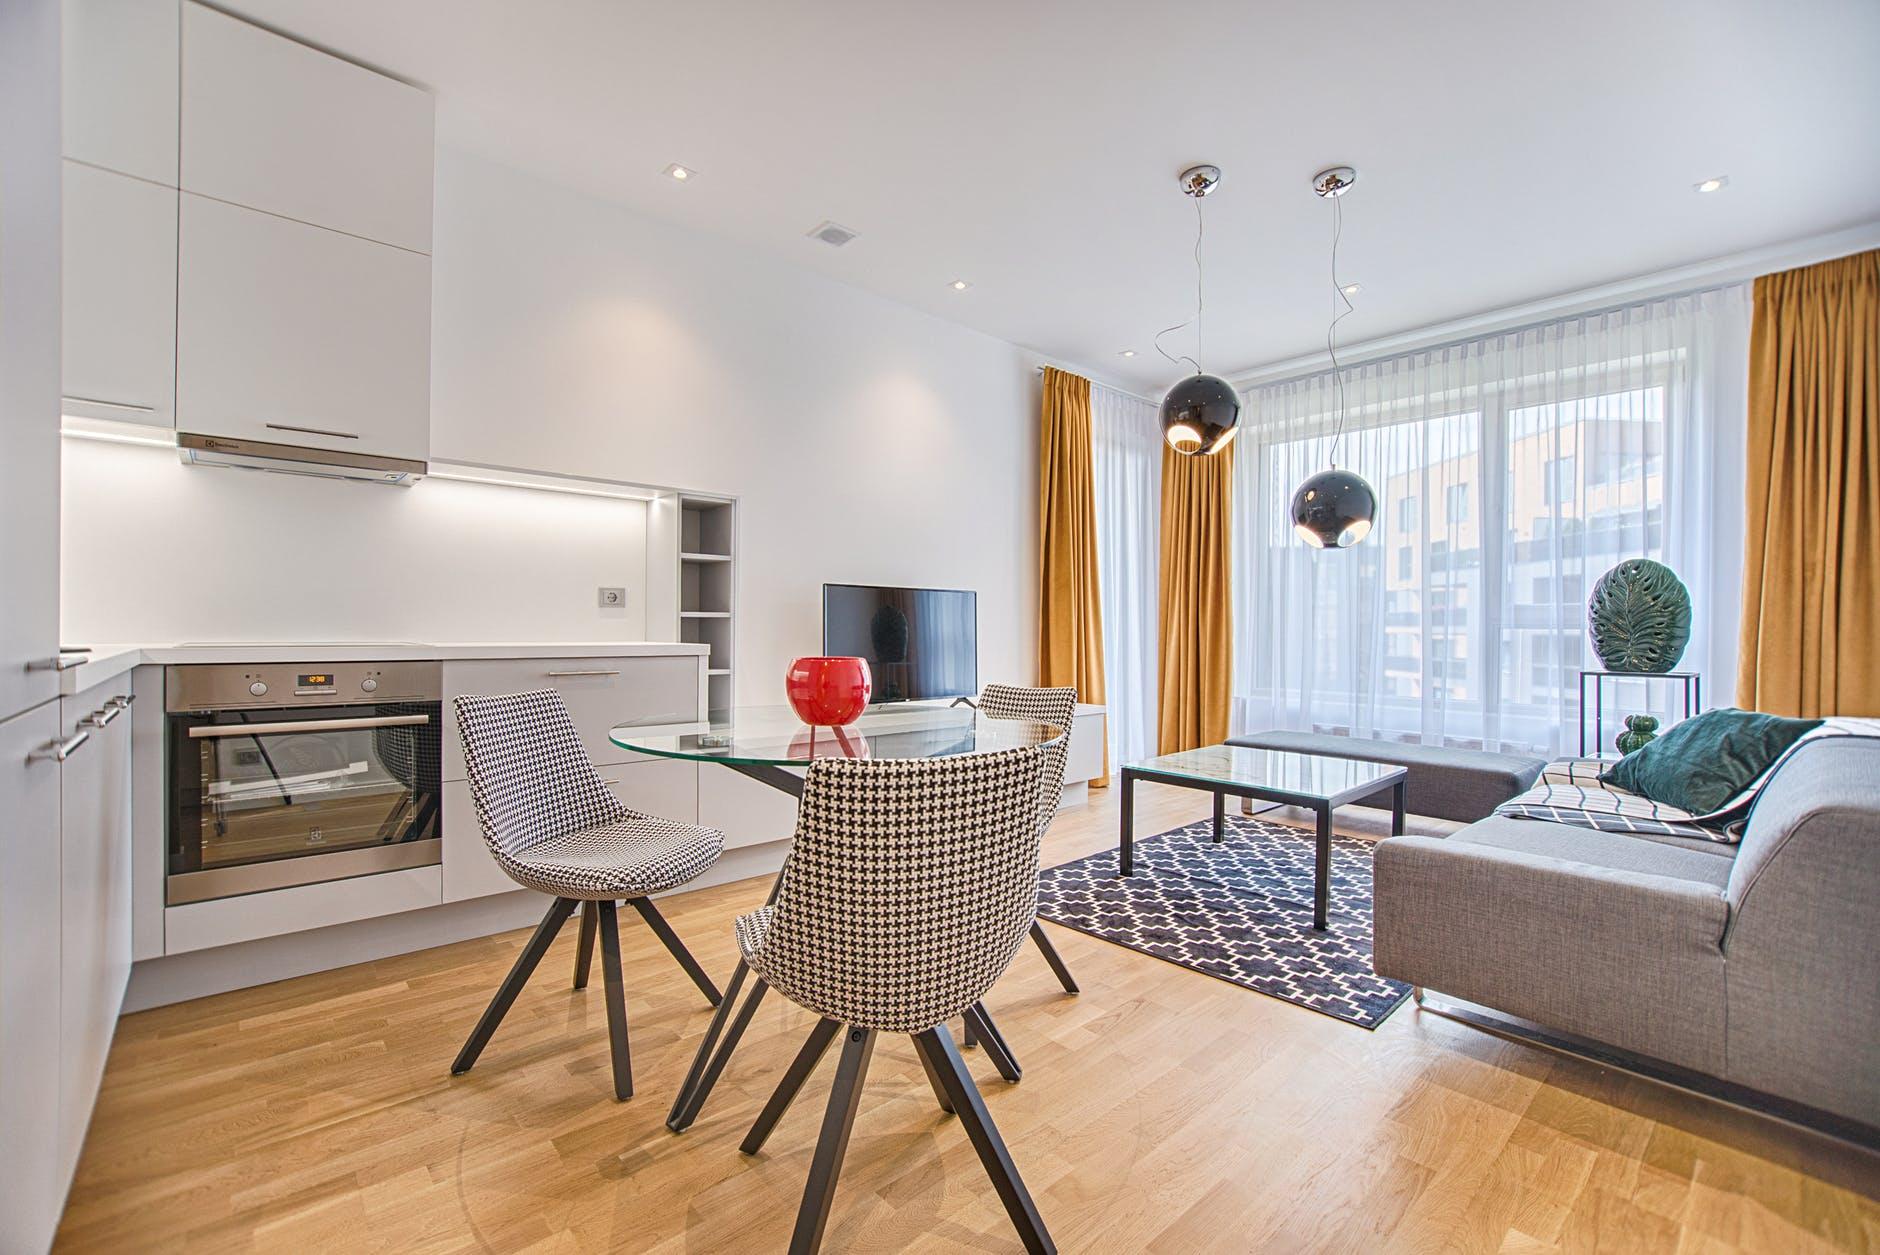 Dodejte vašemu obývacímu pokoji na osobitosti s výběrem vhodných barev